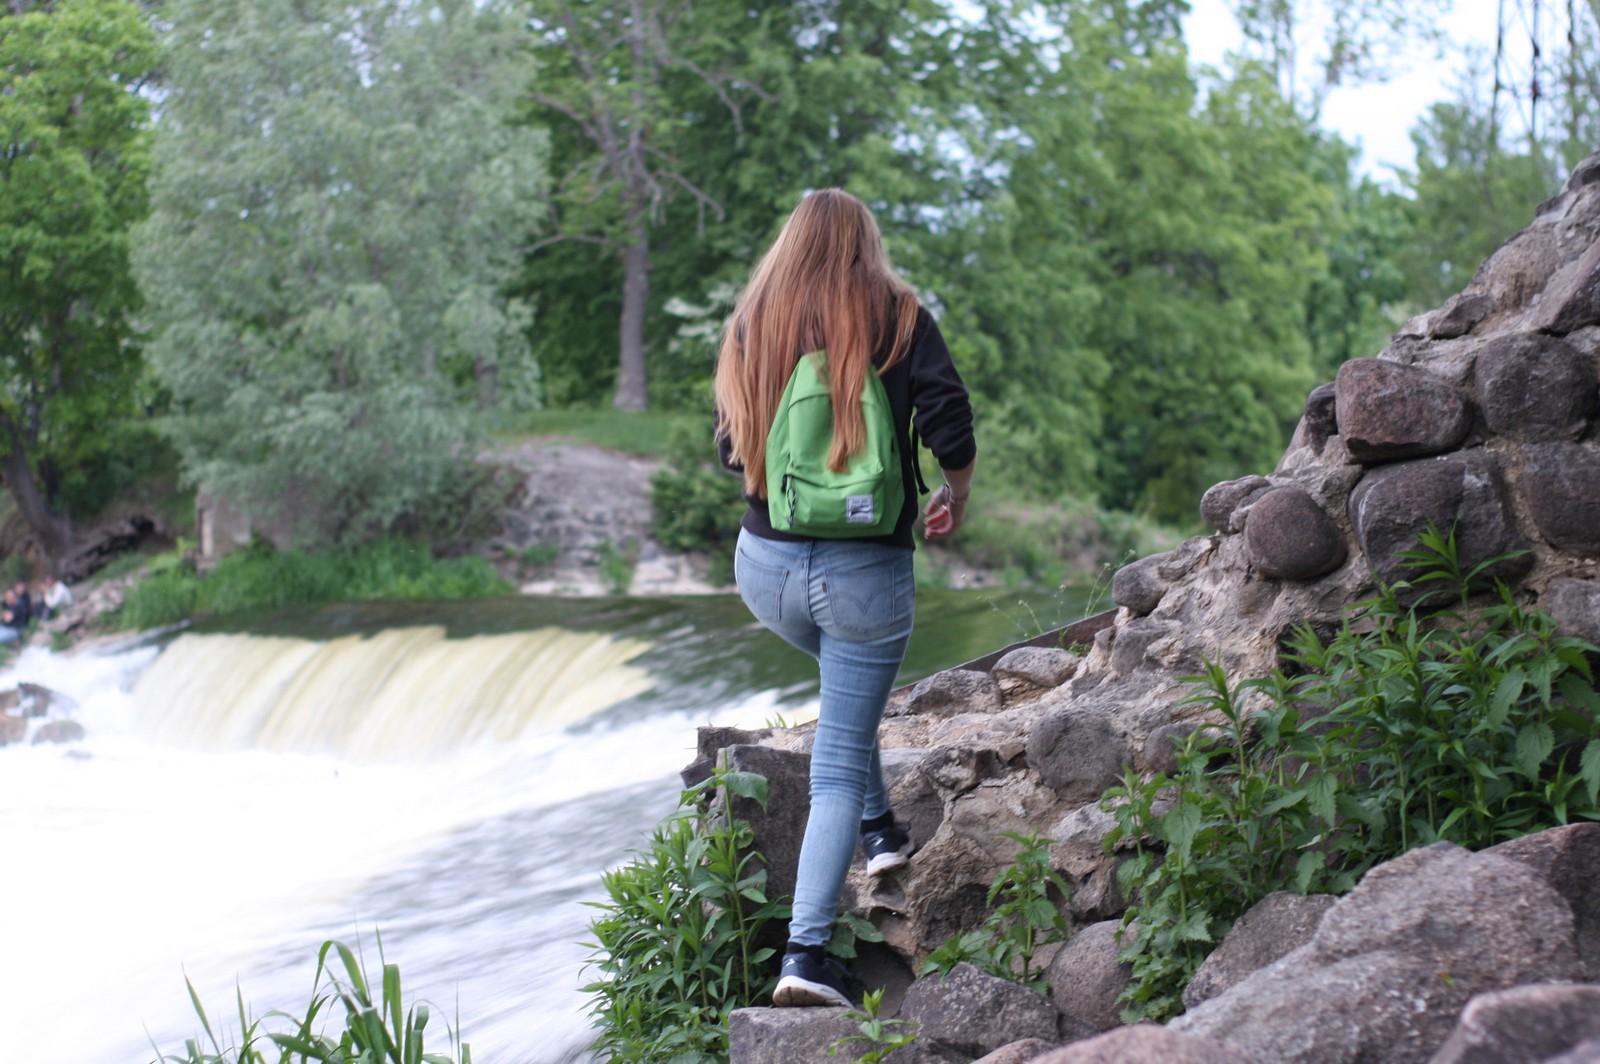 Водопад и девушка